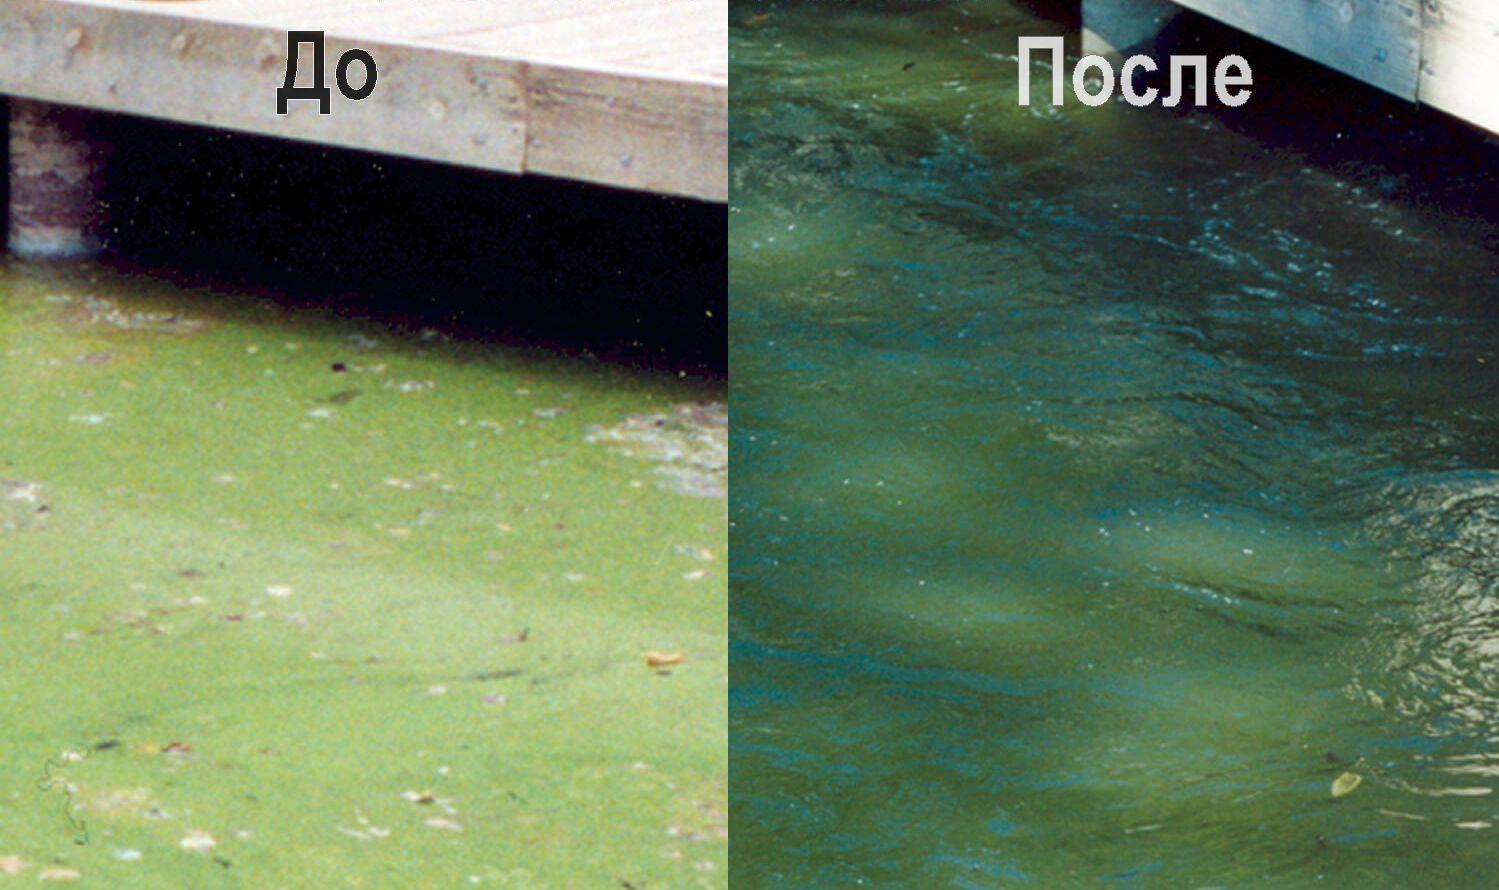 Состояние воды до и после установки аэратора для пруда